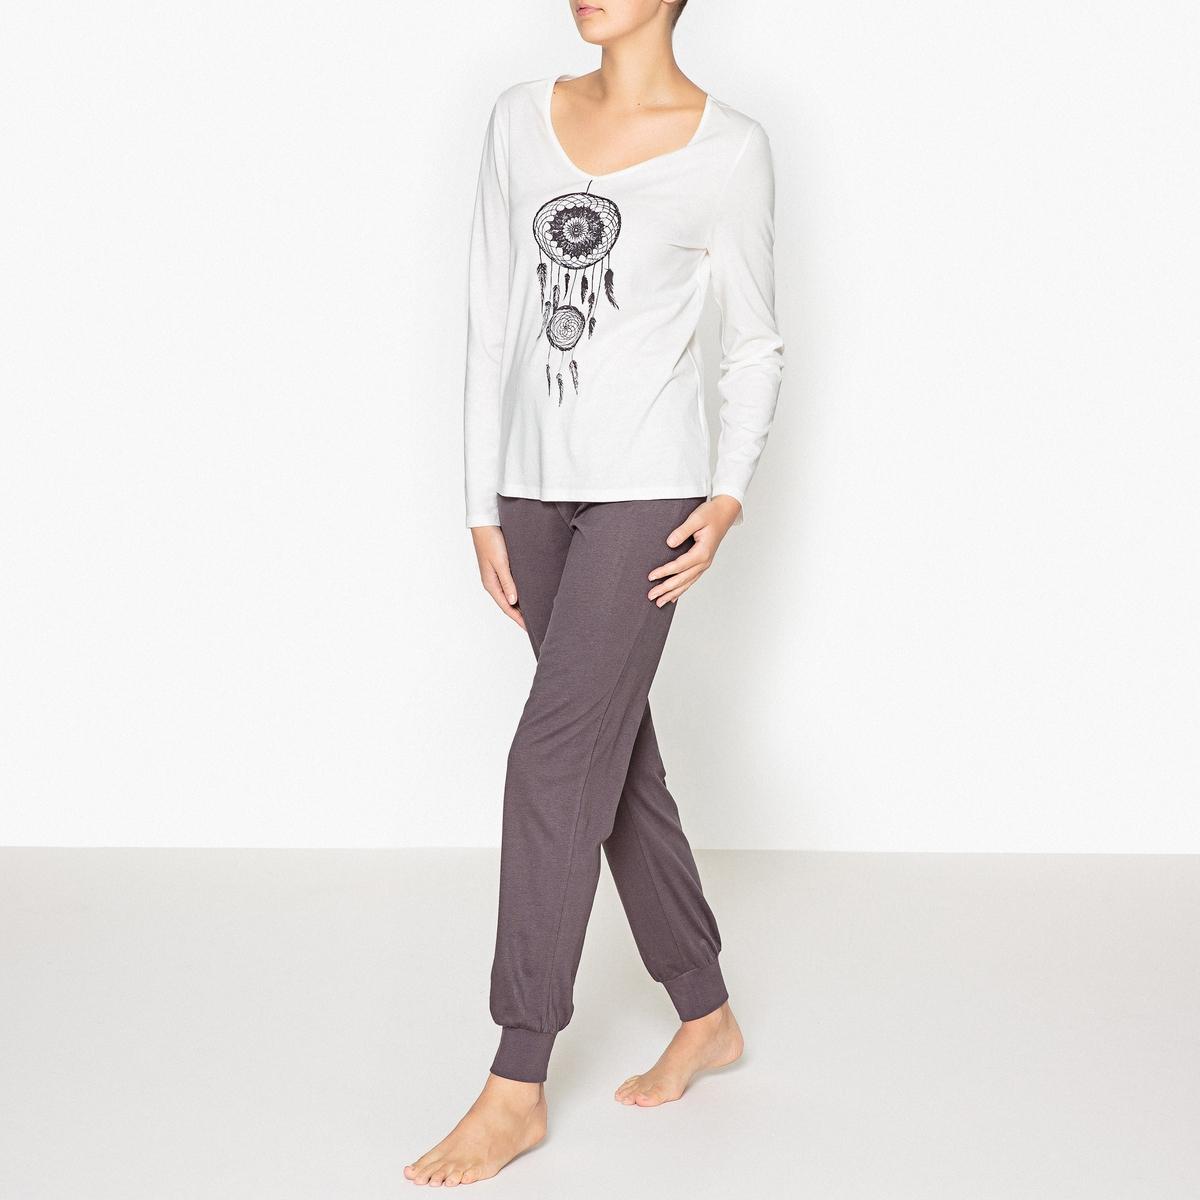 Пижама с рисункомПижама с рисунком и длинными рукавами, R Edition.Пижама из 2 предметов прямого покроя. Верх с рисунком, V-образный вырез. Длинные рукава. Однотонные брюки с эластичным поясом. Низ брючин на резинках.    Состав и описание : Материал : 100% хлопок Длина :Верх: 62 смПо внутр.шву : 76 смМарка : R Edition.Уход:Машинная стирка при 30 °С на деликатном режиме с вещами схожих цветов.Стирать, сушить и гладить при низкой температуре с изнаночной стороны.<br><br>Цвет: белый/ шоколадный<br>Размер: 38/40 (FR) - 44/46 (RUS)